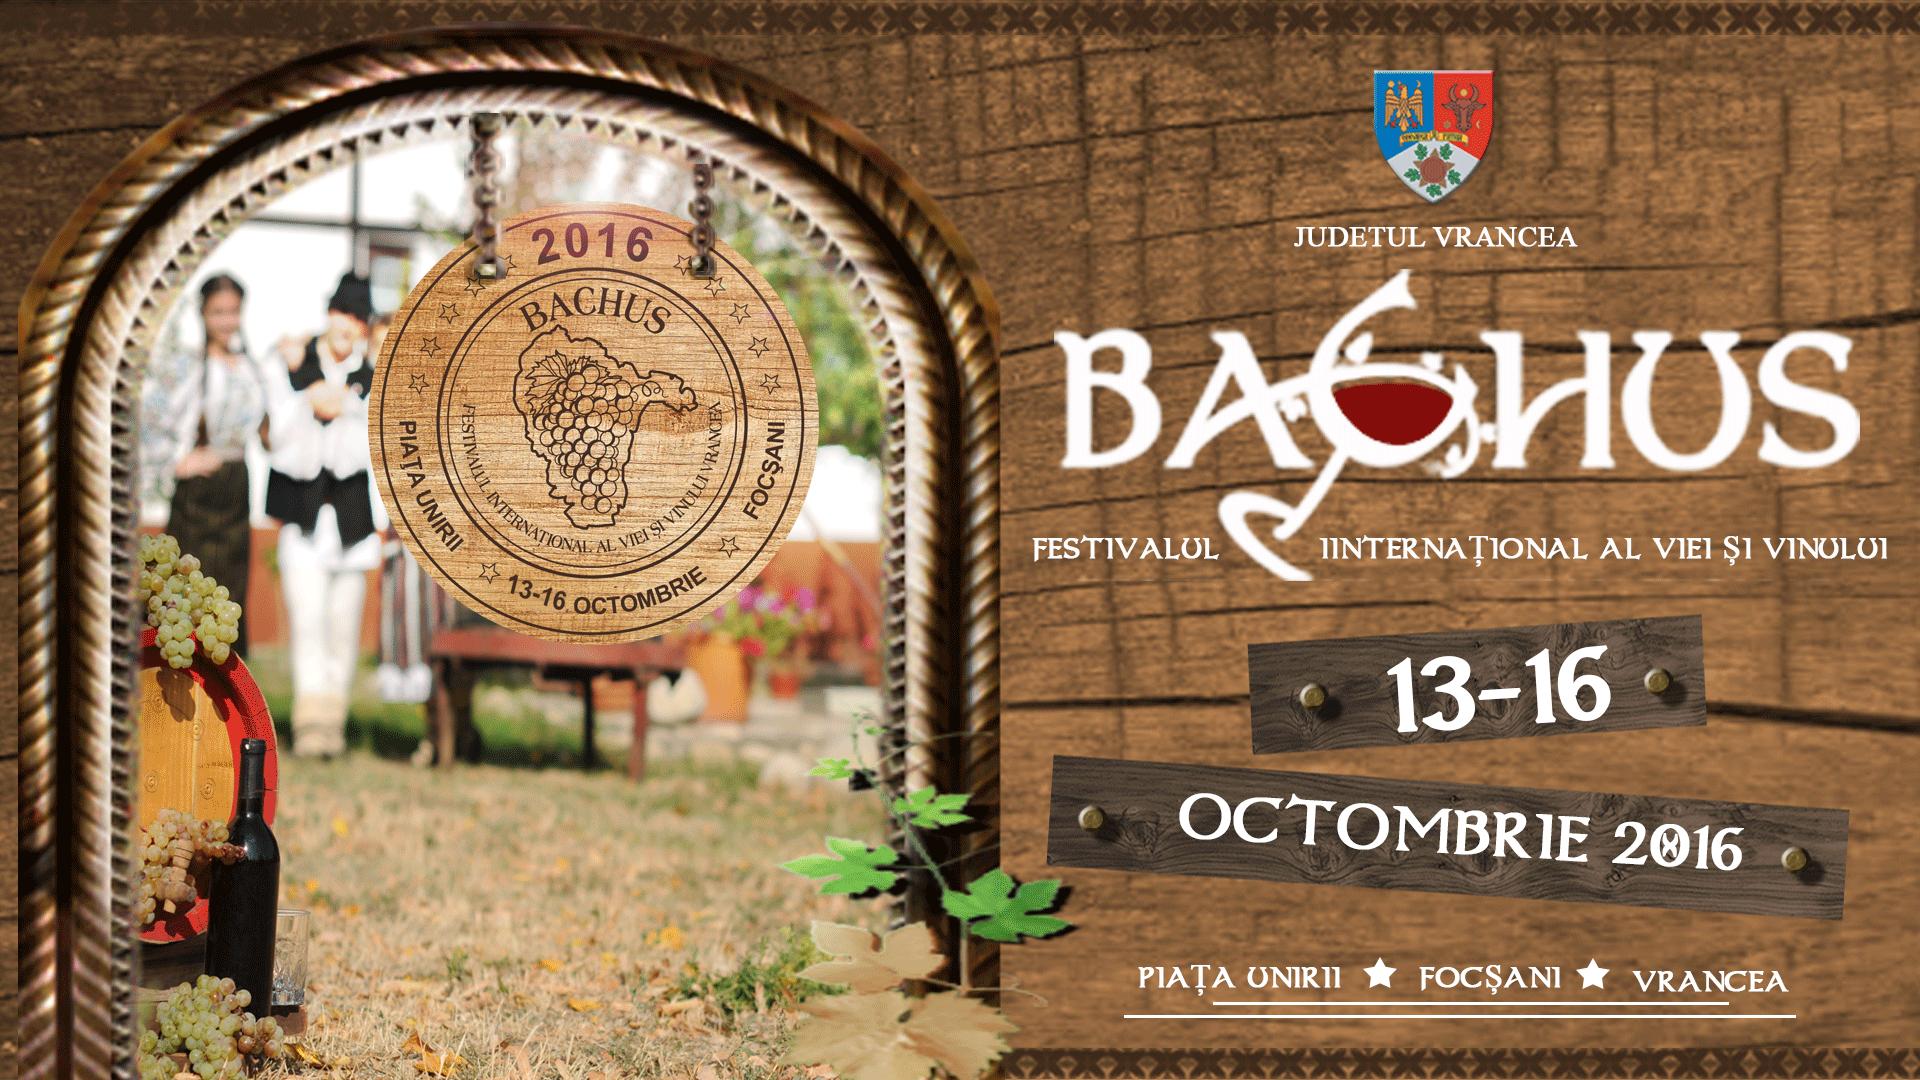 """Cea de-a XXIV-a editie a Festivalului International al Viei si Vinului Vrancea """"Bachus 2016"""" va avea loc in perioada 13-16 octombrie in Piata Unirii din Municipiul Focsani."""